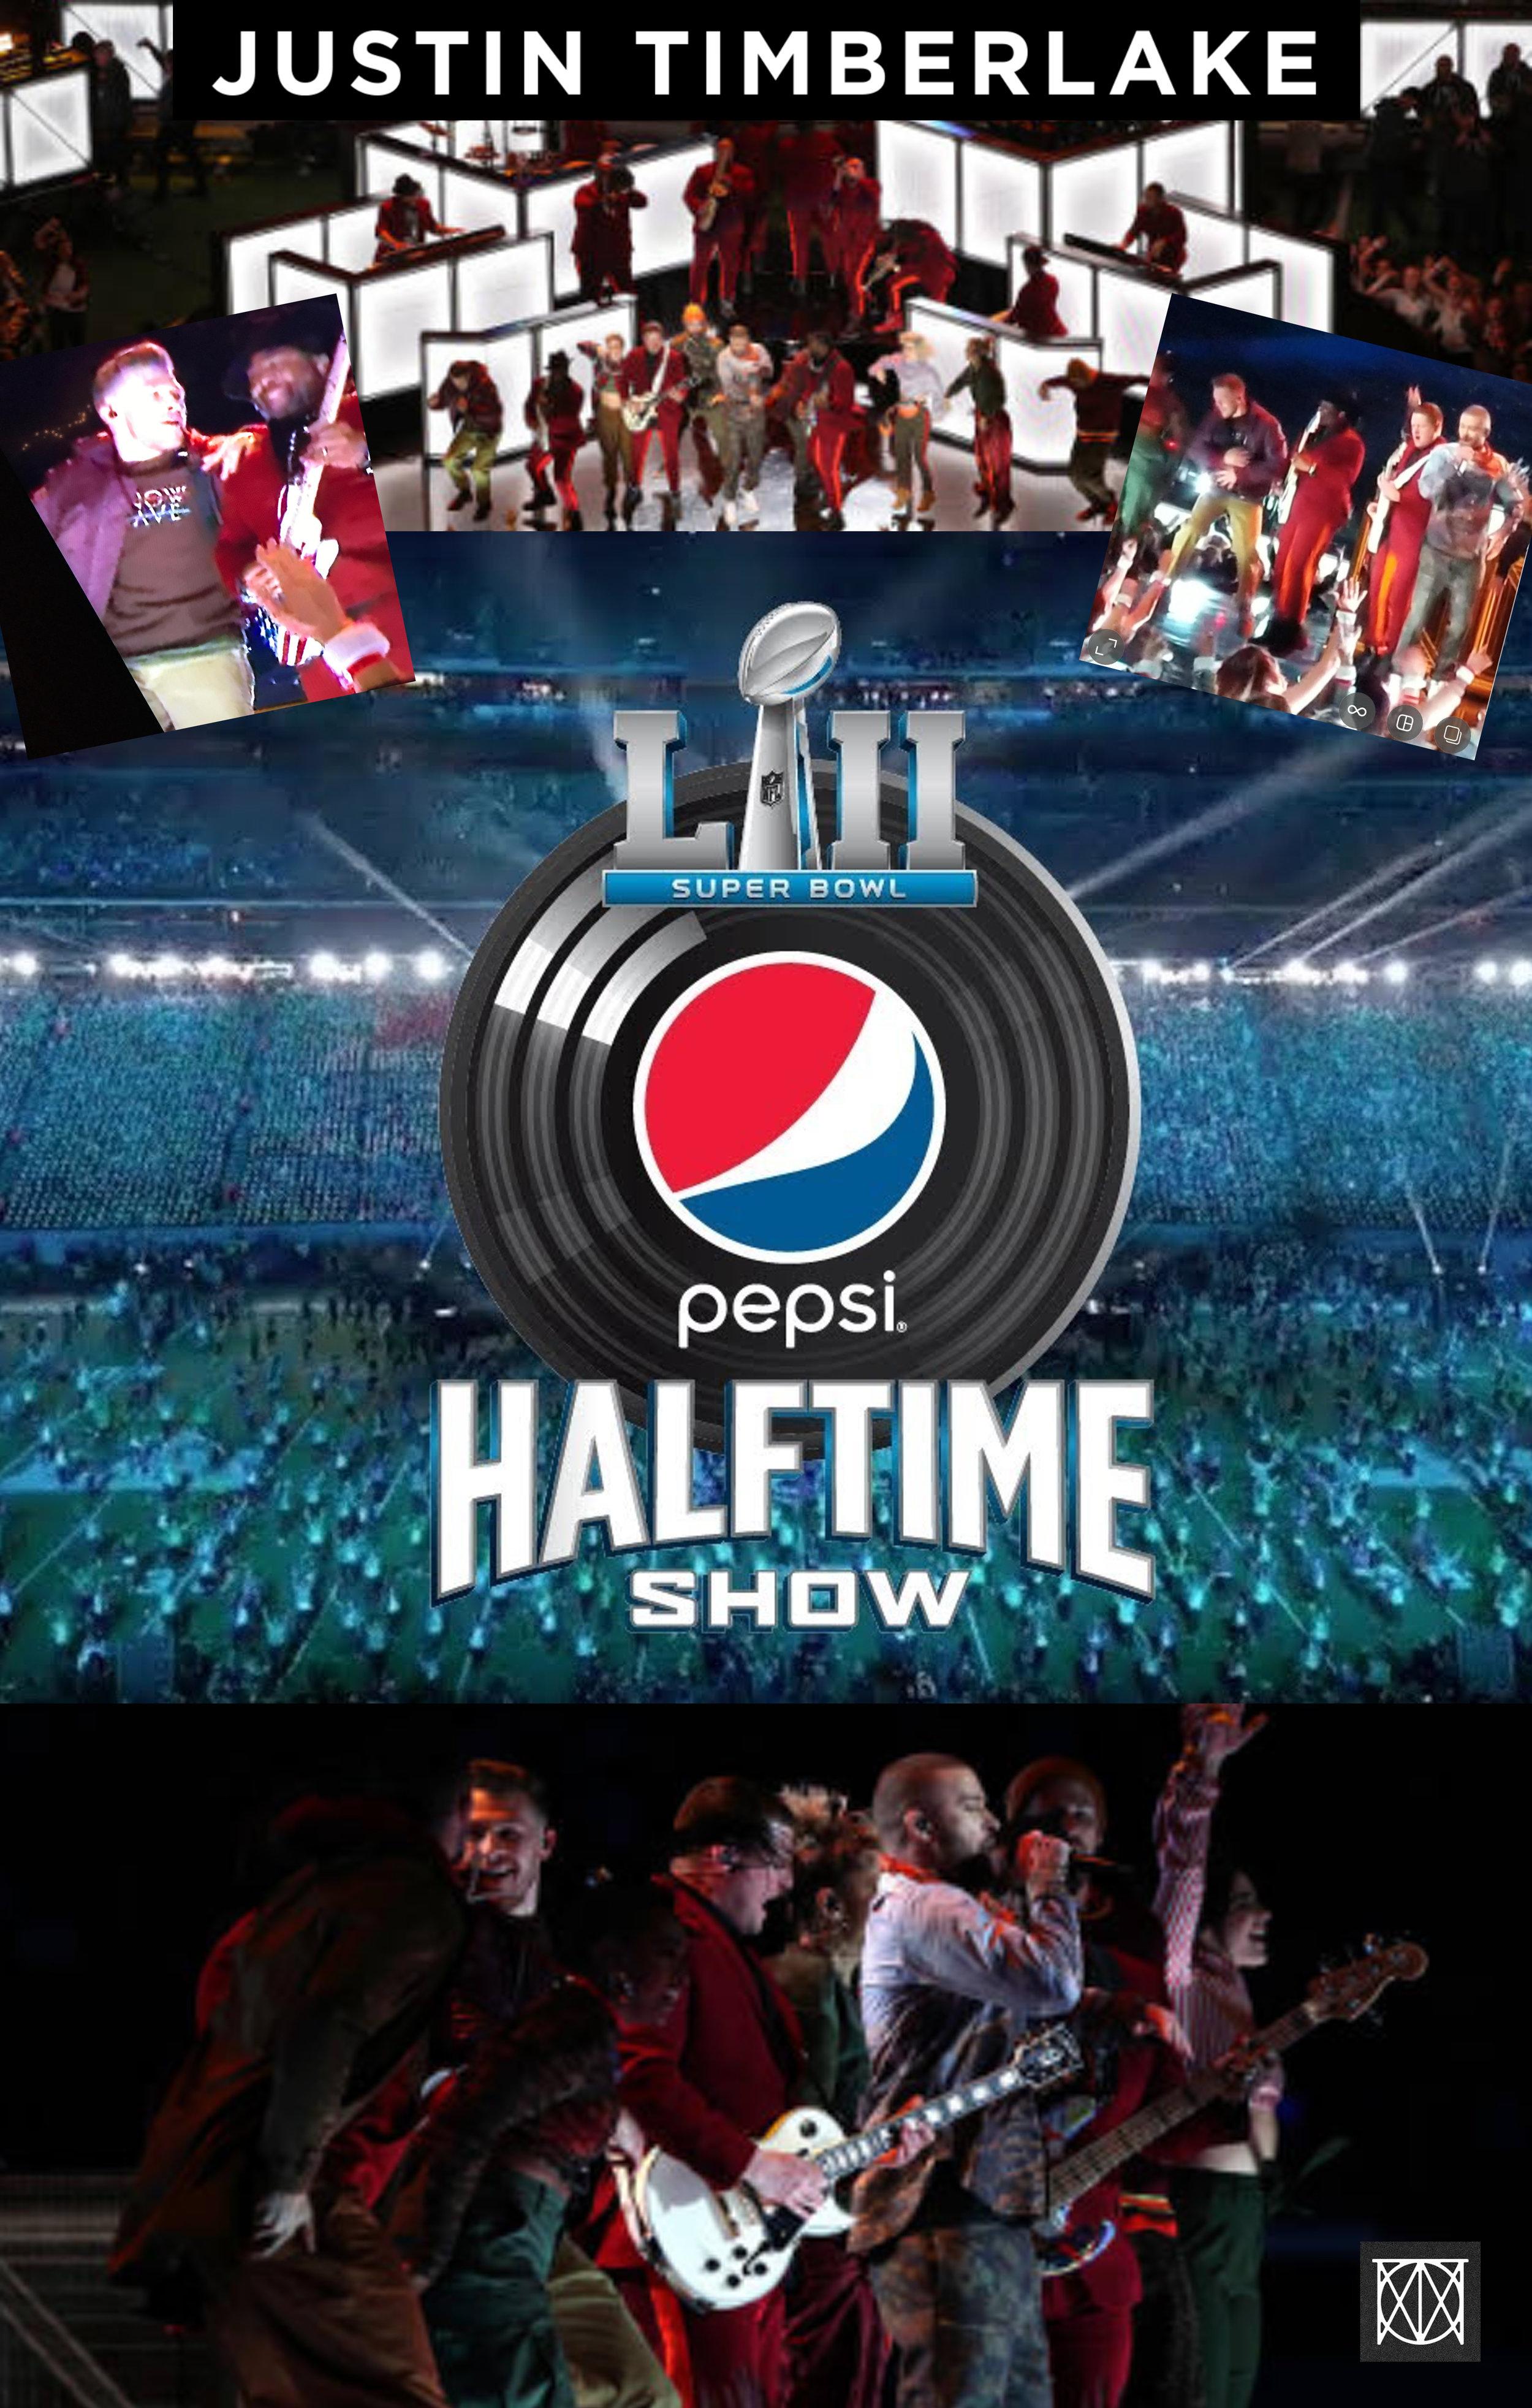 Super Bowl 52 Halftime Show Poster for SMS Kevin.jpg